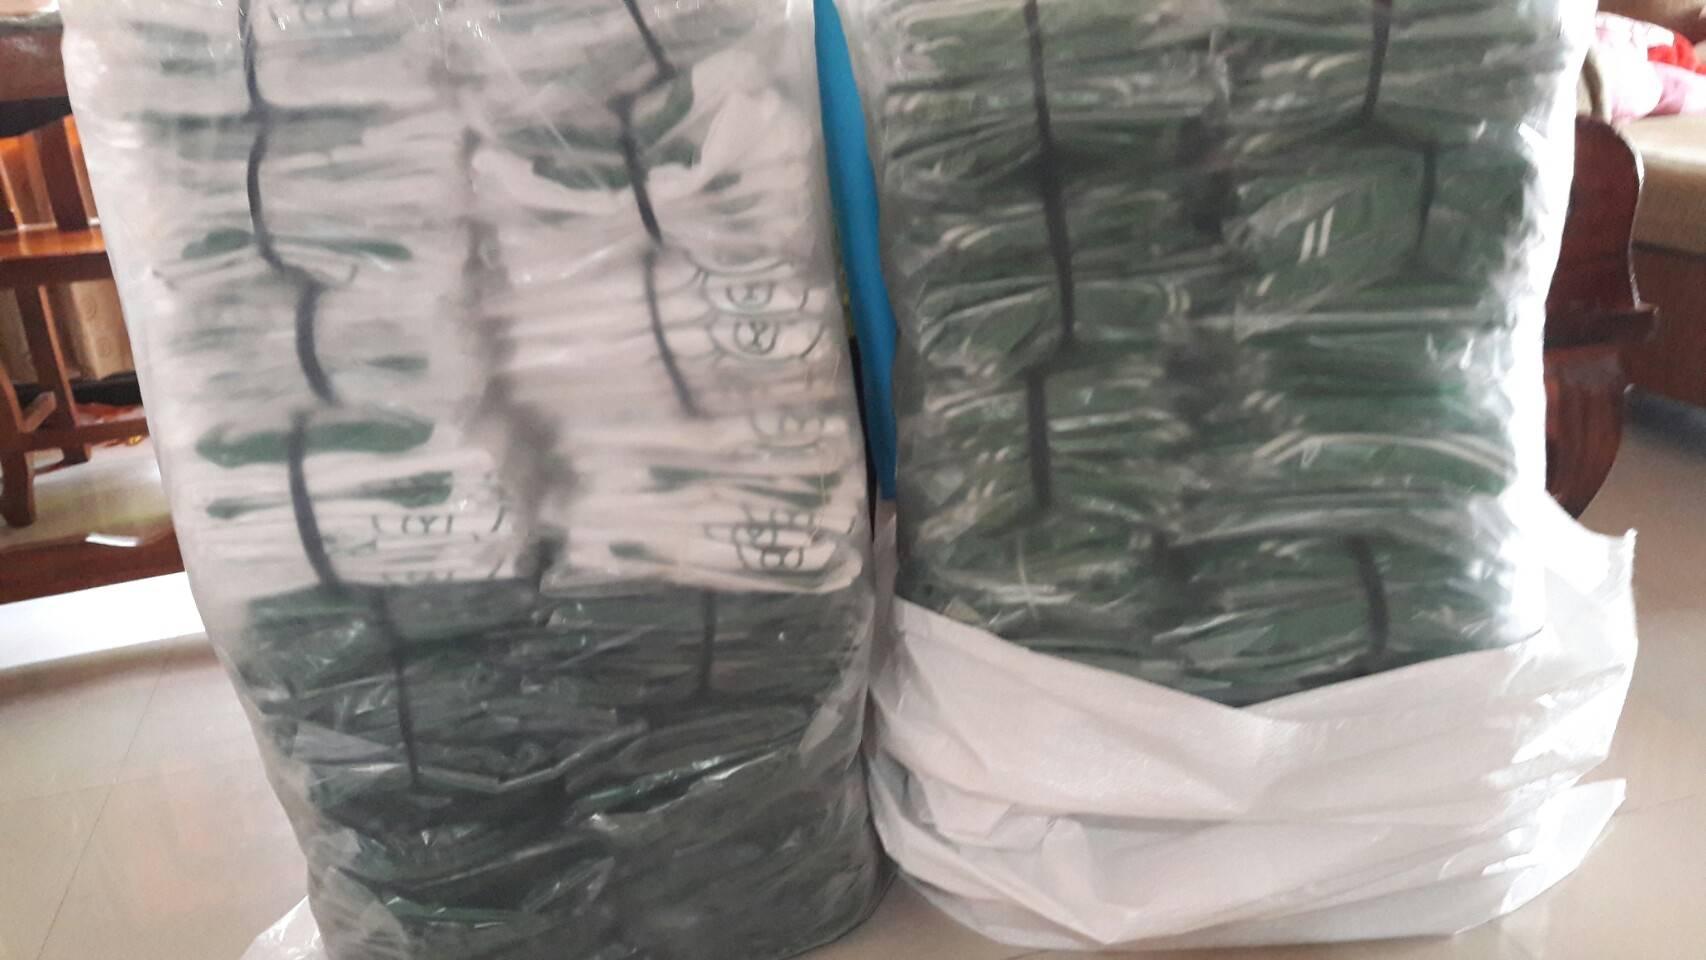 เสื้อวอร์มโรงเรียน,เสื้อวอร์ม,เสื้อวอร์มนักเรียน,ชุดพละ,ชุดวอร์มโรงเรียน,รับทำเสื้อวอร์ม